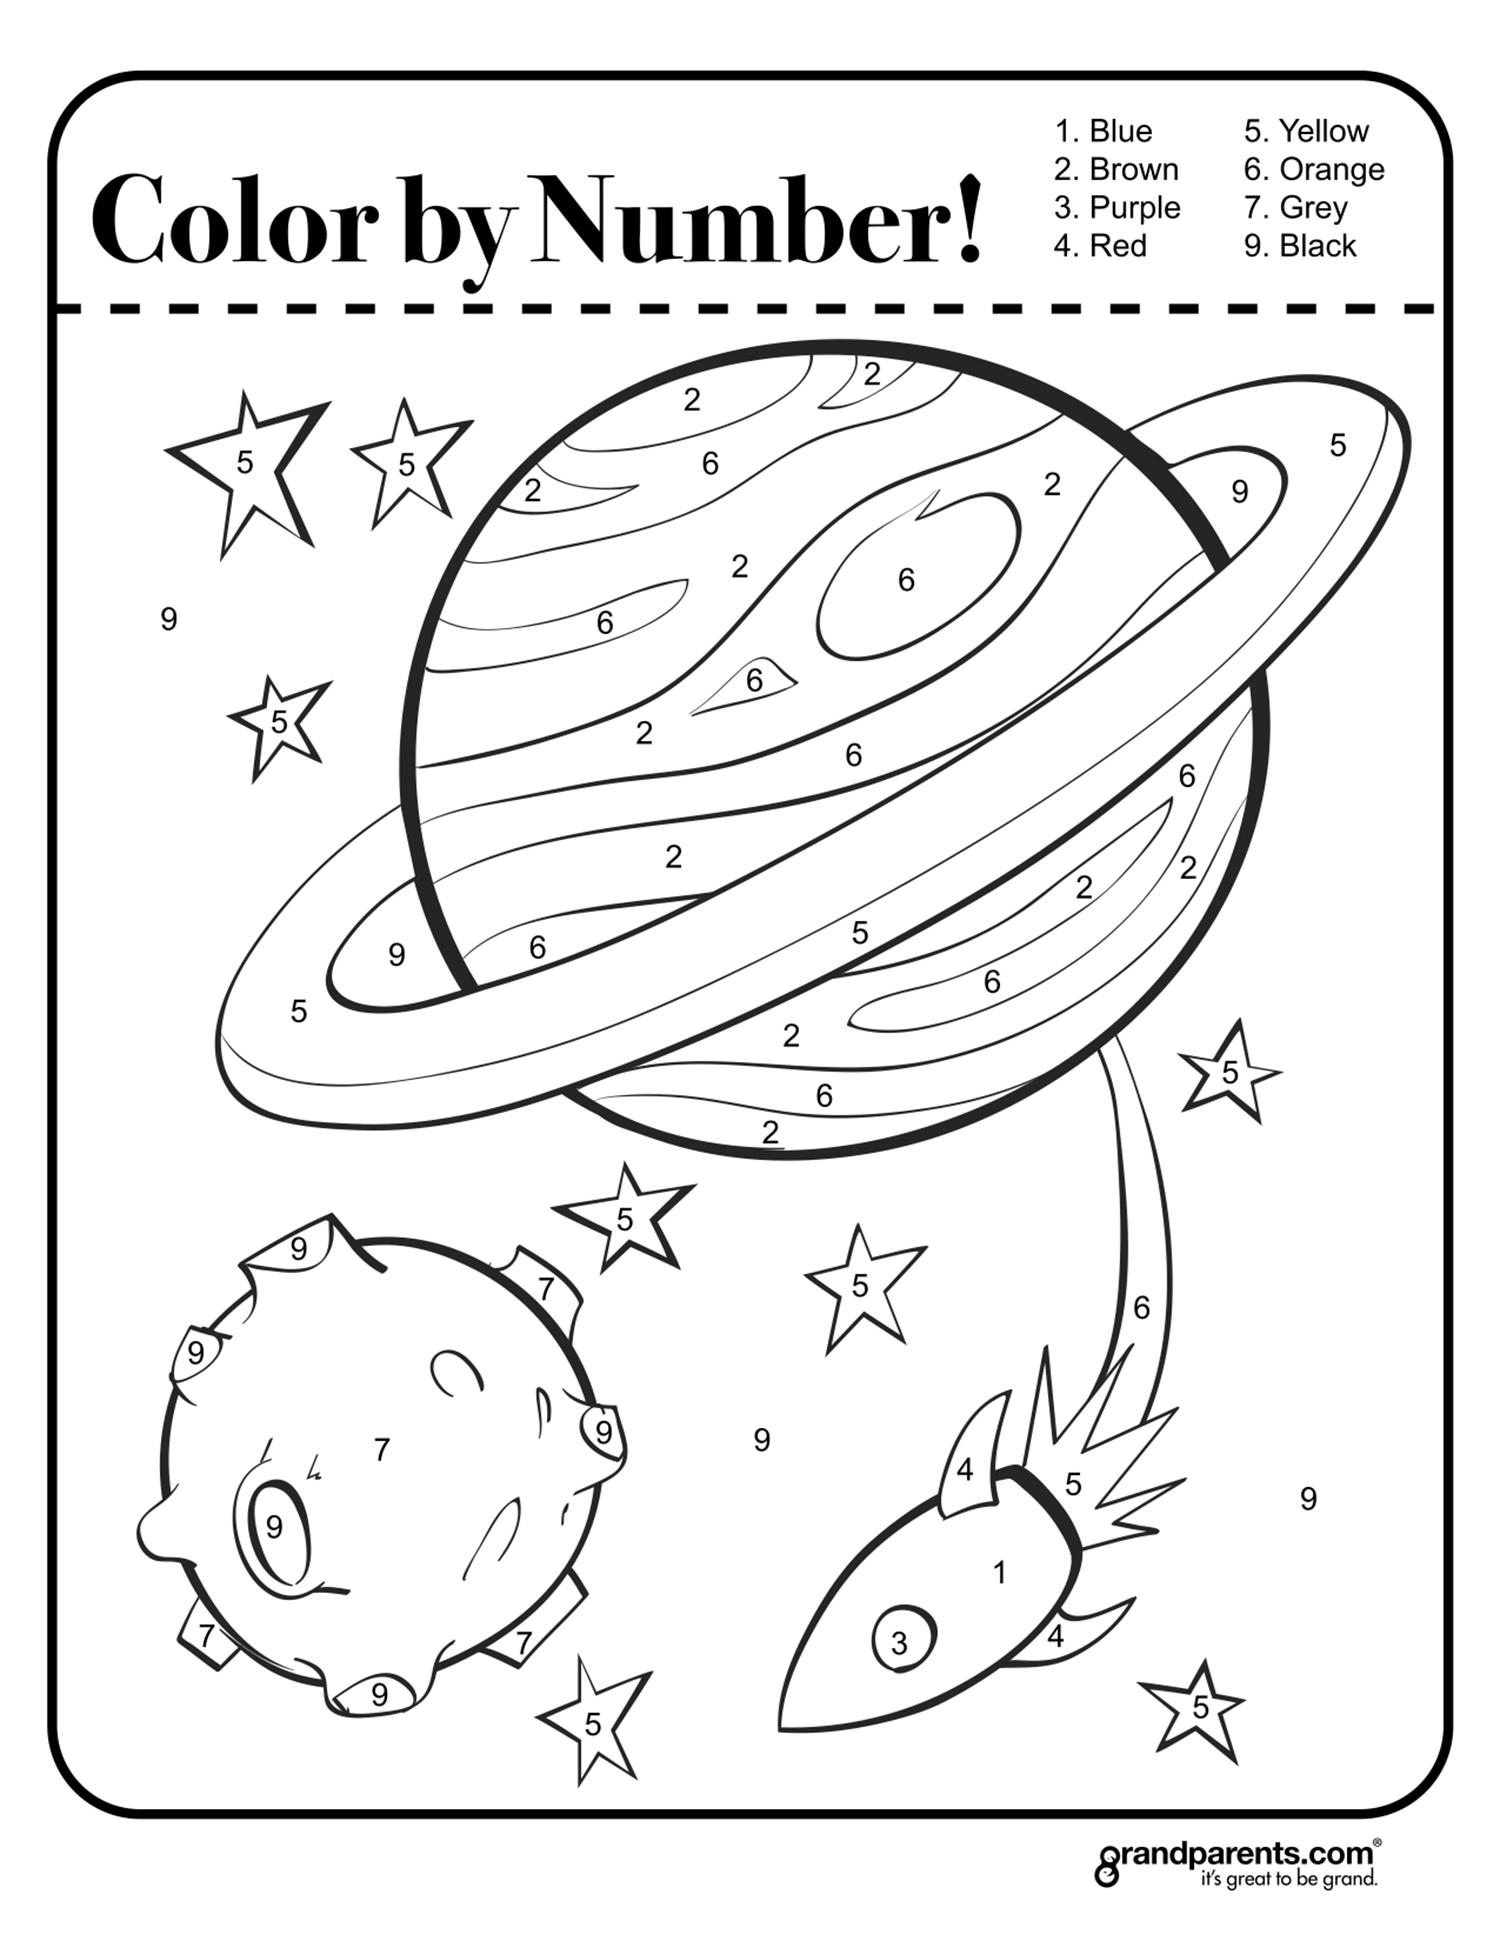 Color by number - space worksheet | űr | Pinterest | Worksheets ...